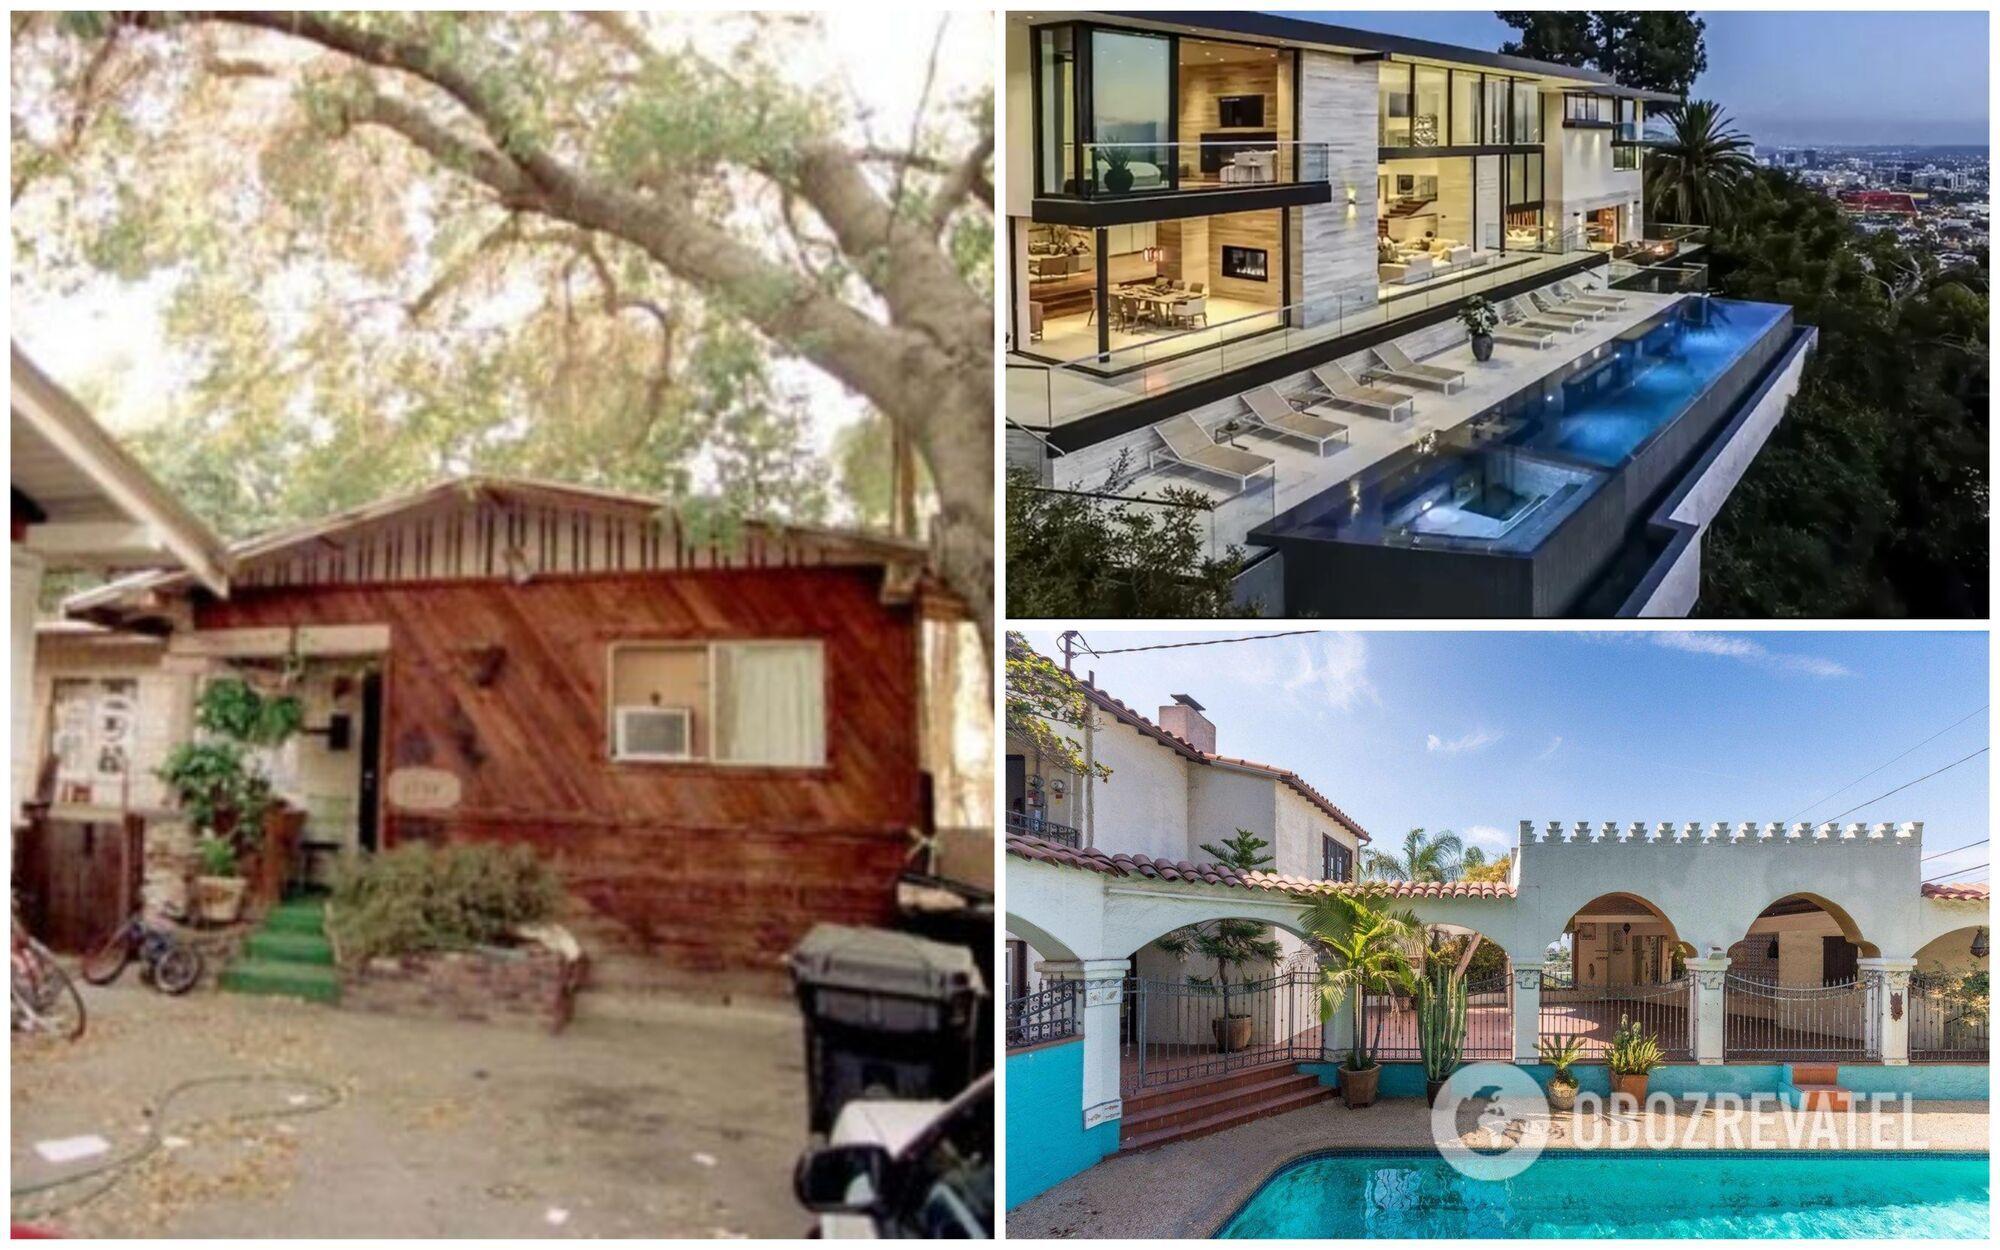 Леонардо ДиКаприо вырос в бедном районе Лос-Анджелеса, где процветала преступность.